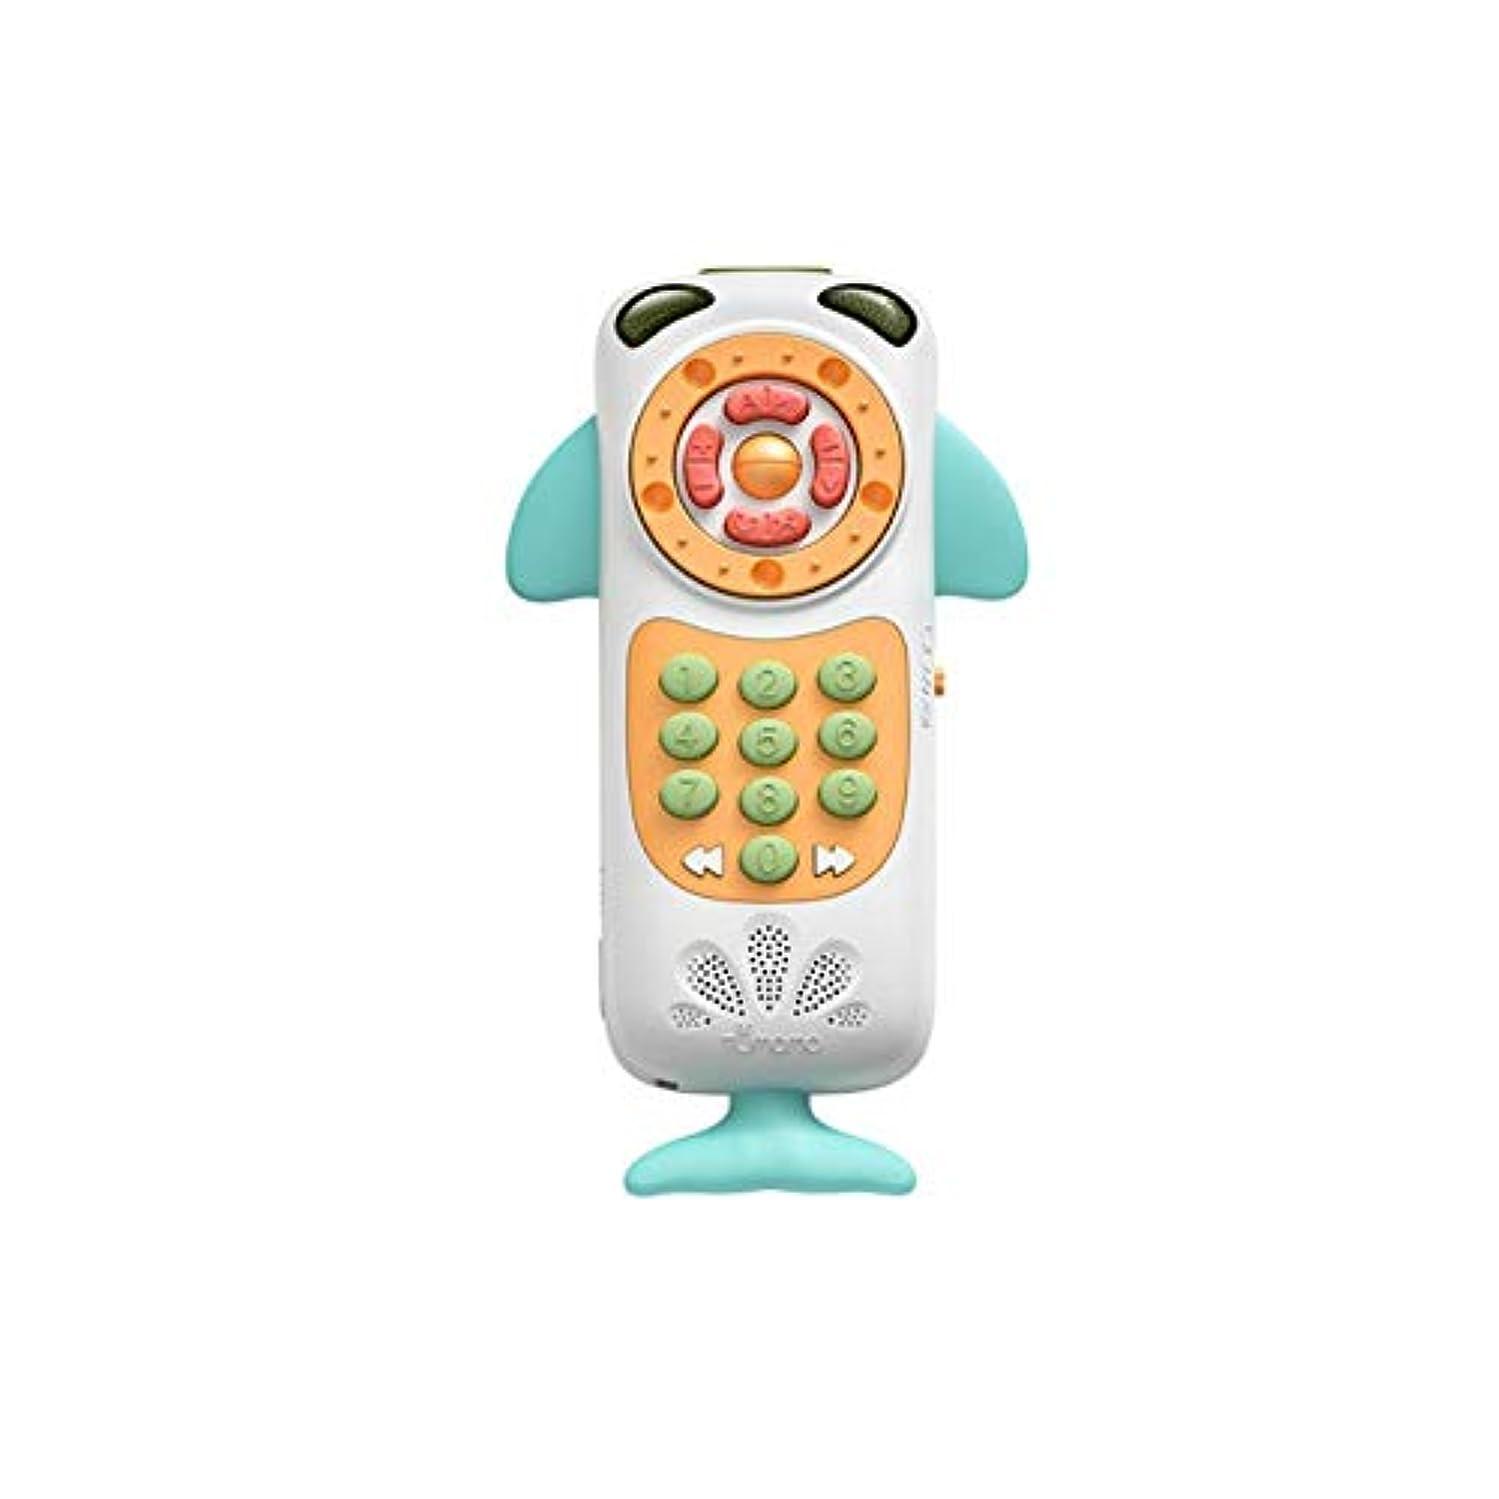 優雅な算術コードBIヤングベビーおもちゃ スマートフォンおもちゃ 赤ちゃん、幼児、子供、男の子または女の子の誕生日ギフト、食品シリコン、放射線なし ホワイト BI Young